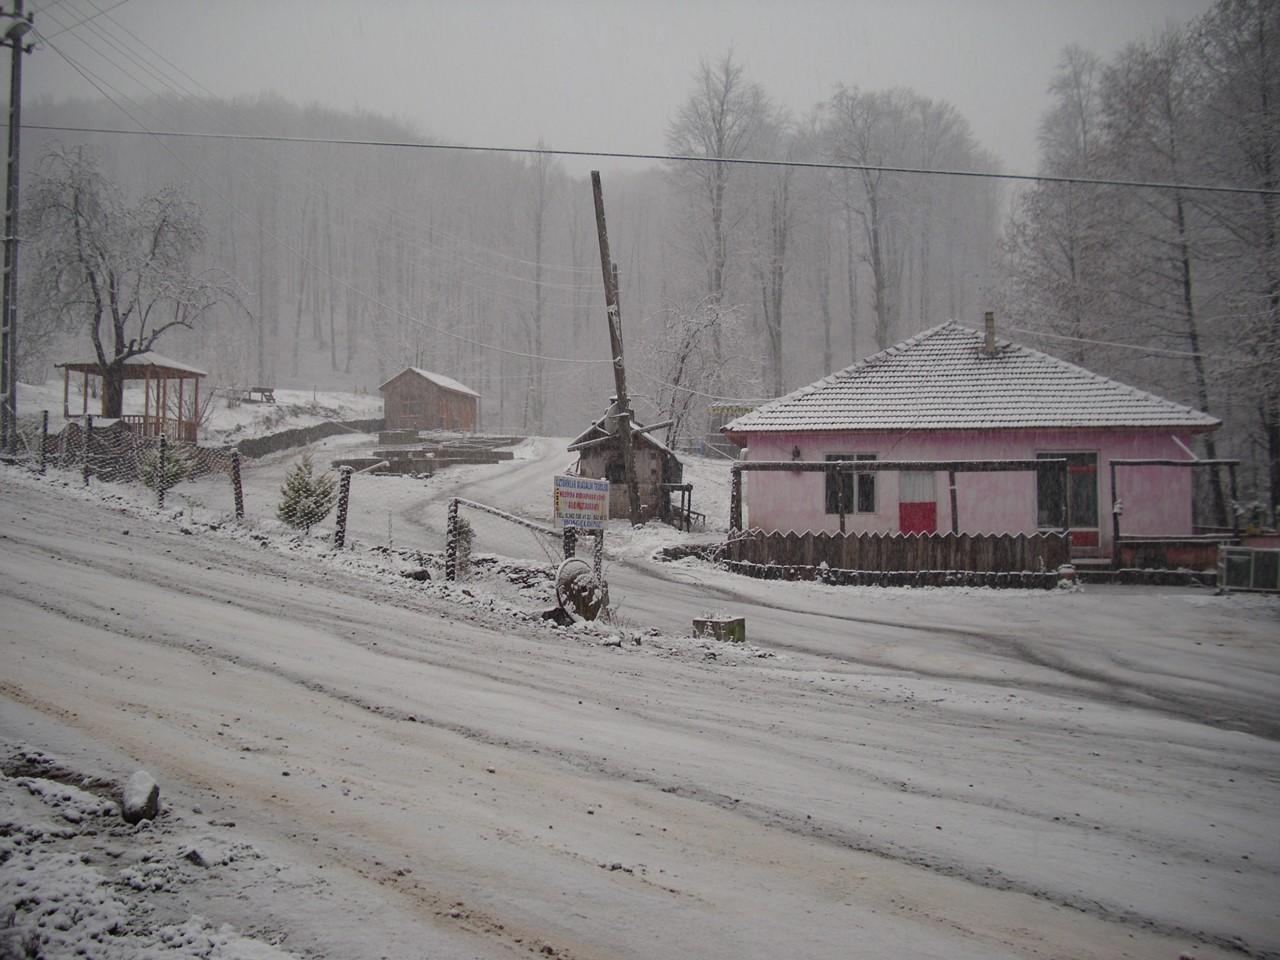 Nebiyan Dağı Kış Resimleri 3 - Nebiyan Dağı Kış Resimleri (3)